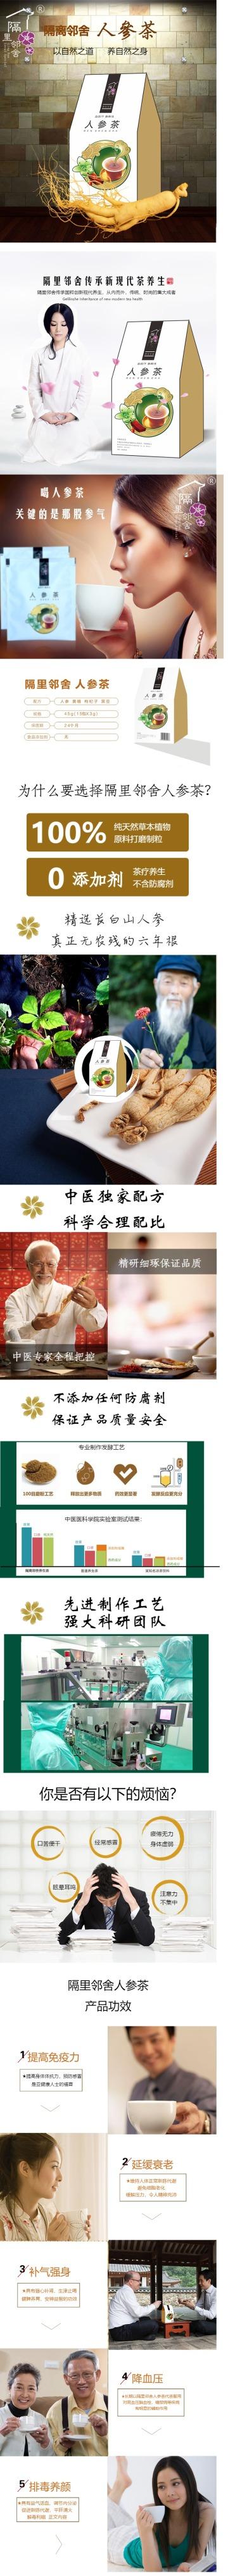 简约扁平人参茶电商详情页